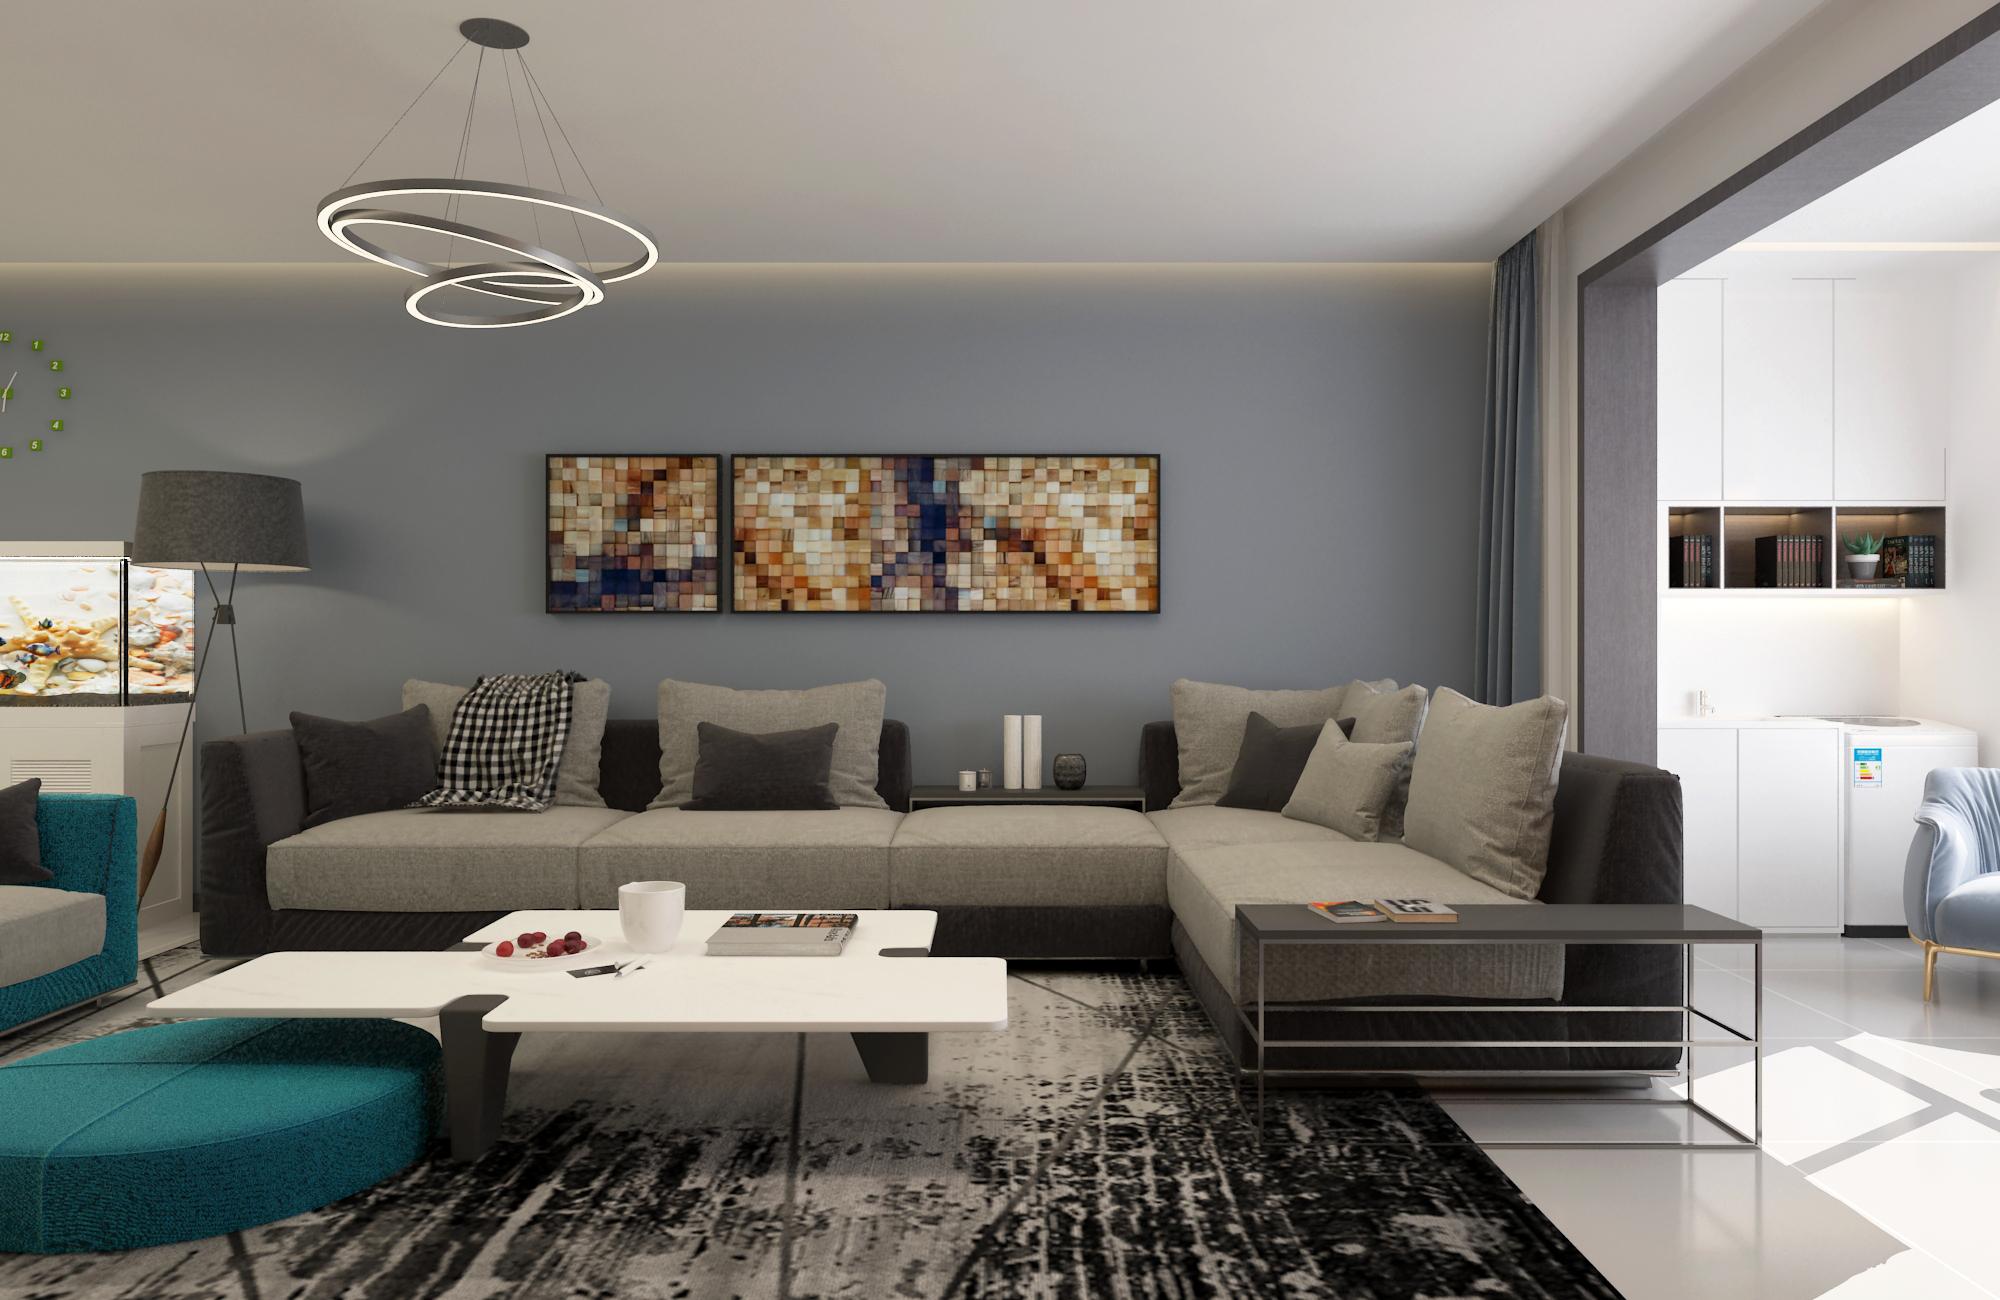 138㎡现代风装修沙发背景墙图片